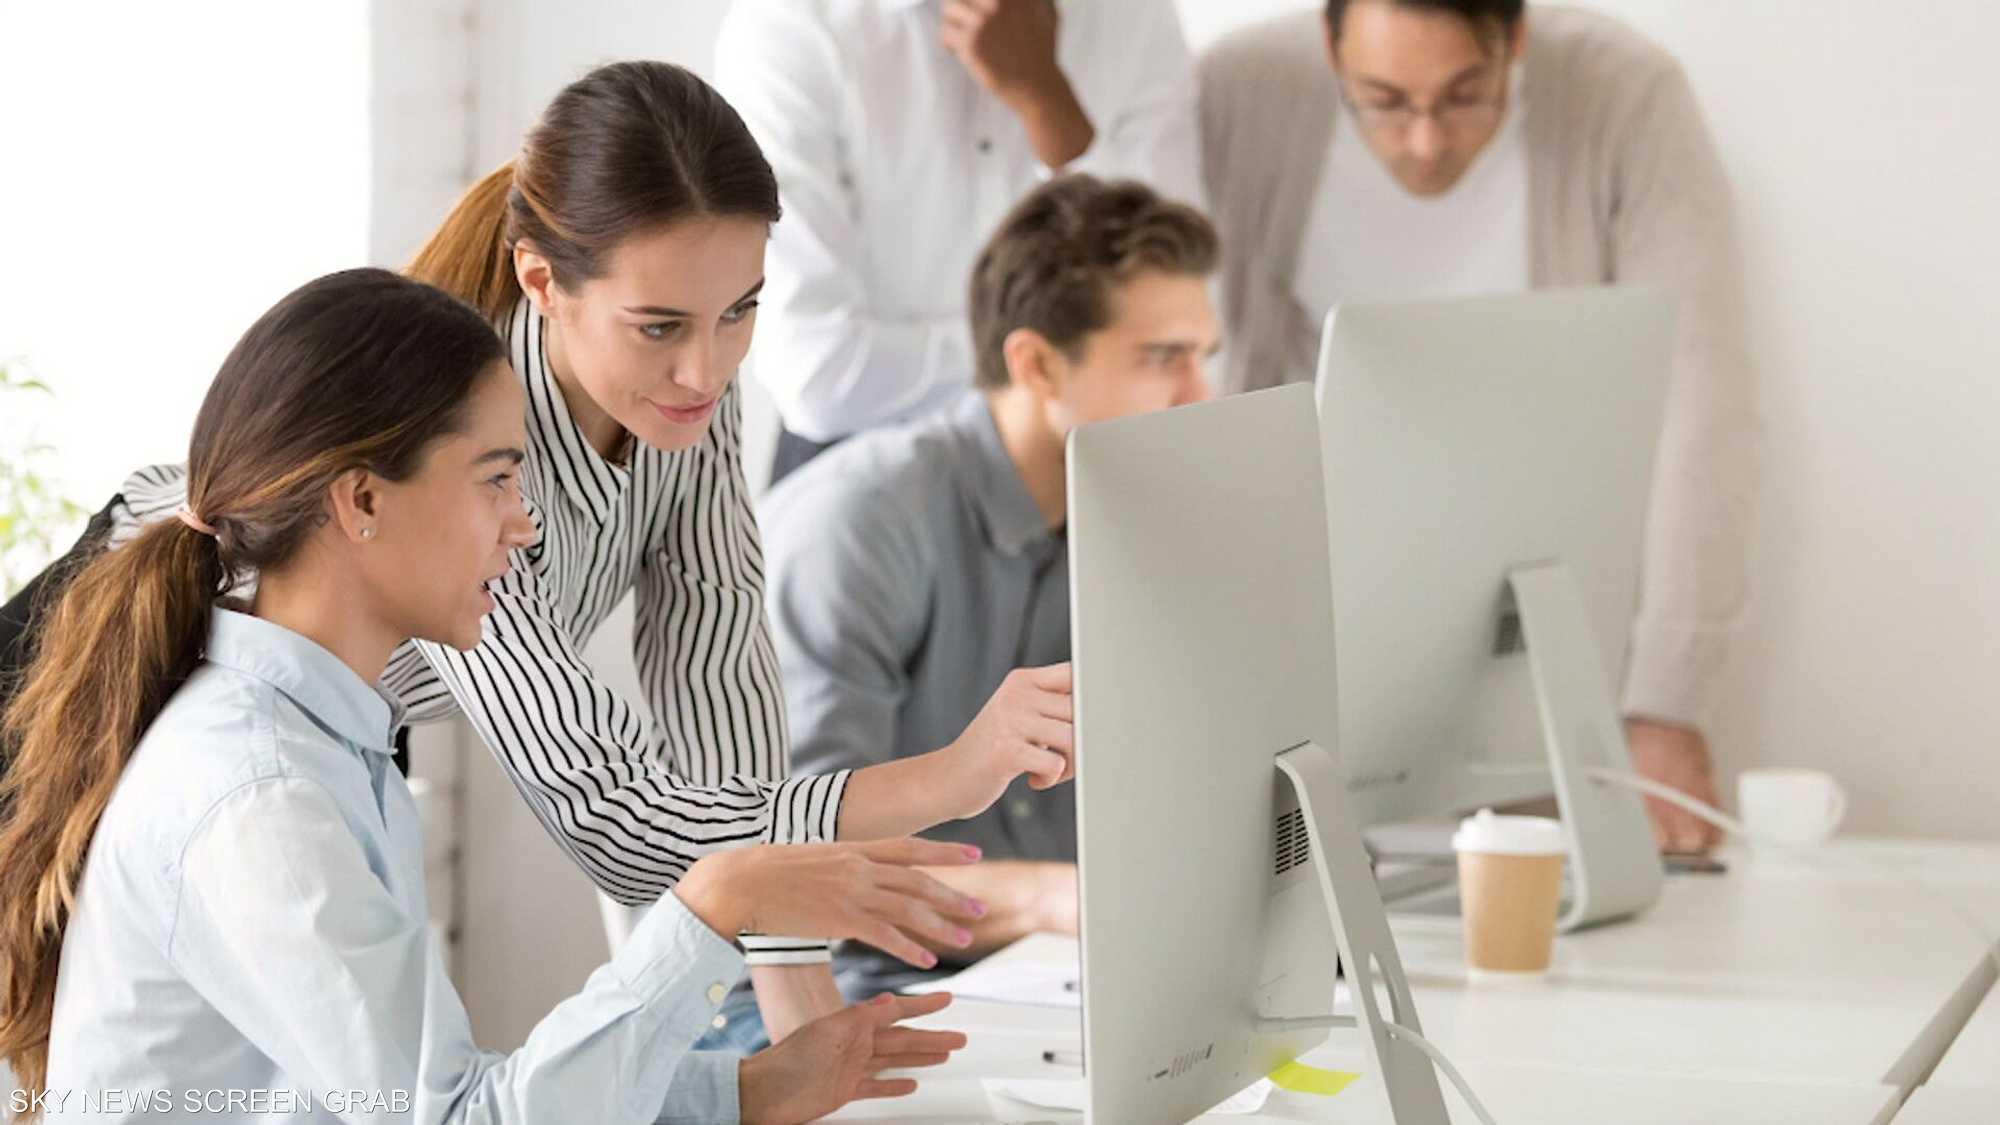 قواعد ومتطلبات الحاجة إلى مساعدة زملاء العمل